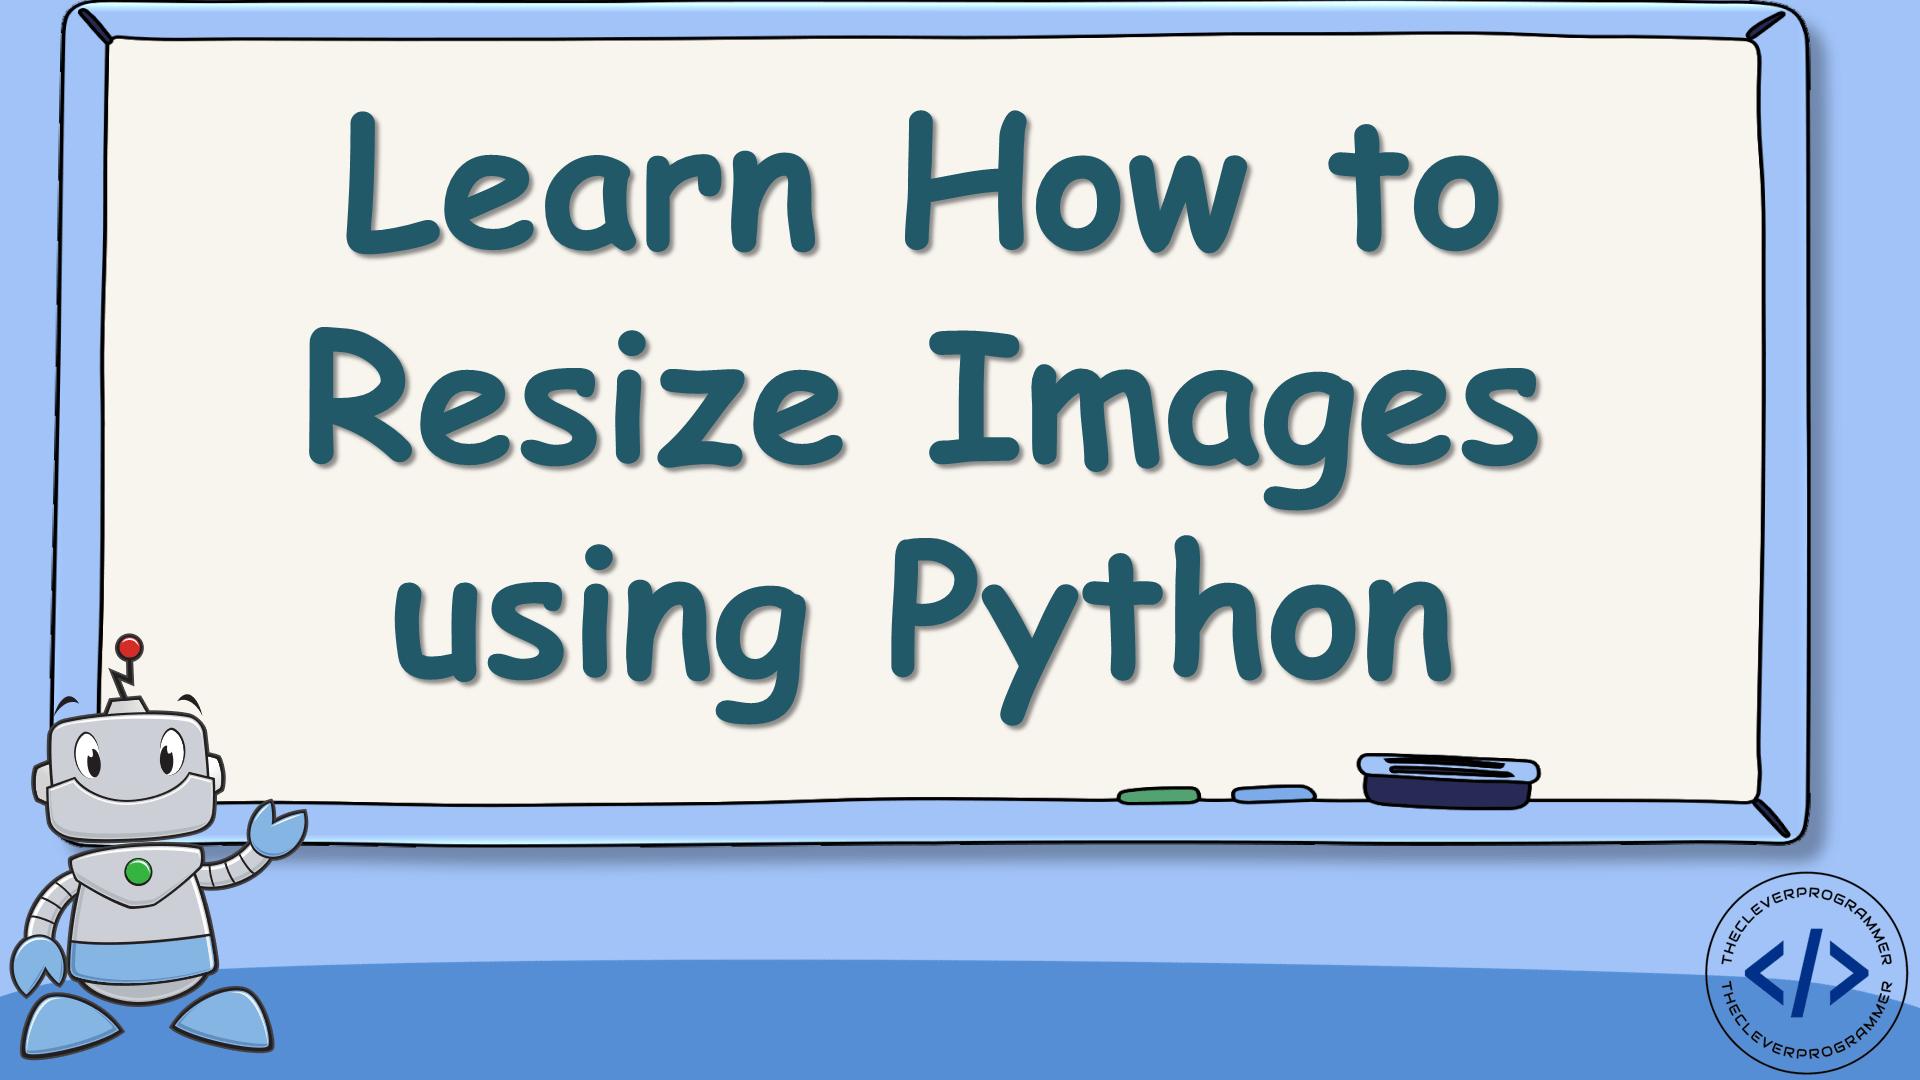 Resize Image using Python